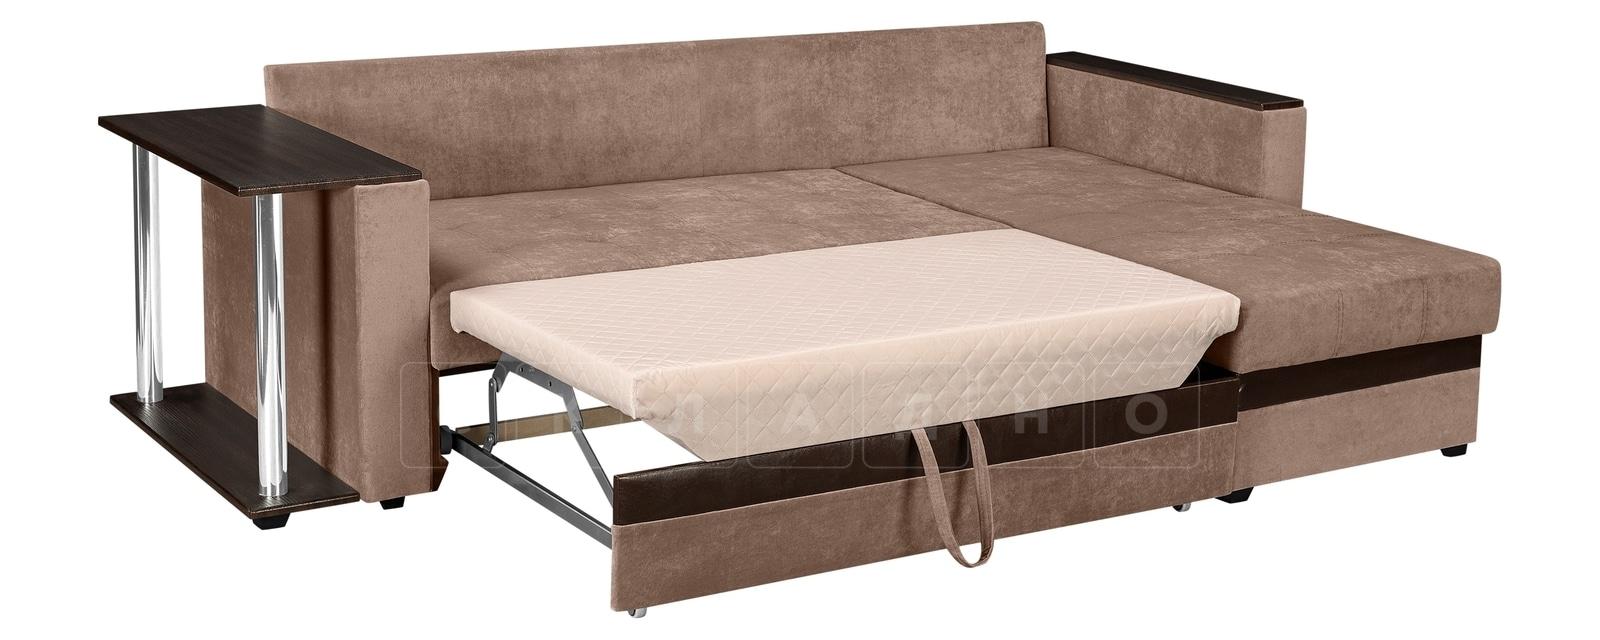 Угловой диван Атланта вельвет светло-коричневый фото 4 | интернет-магазин Складно